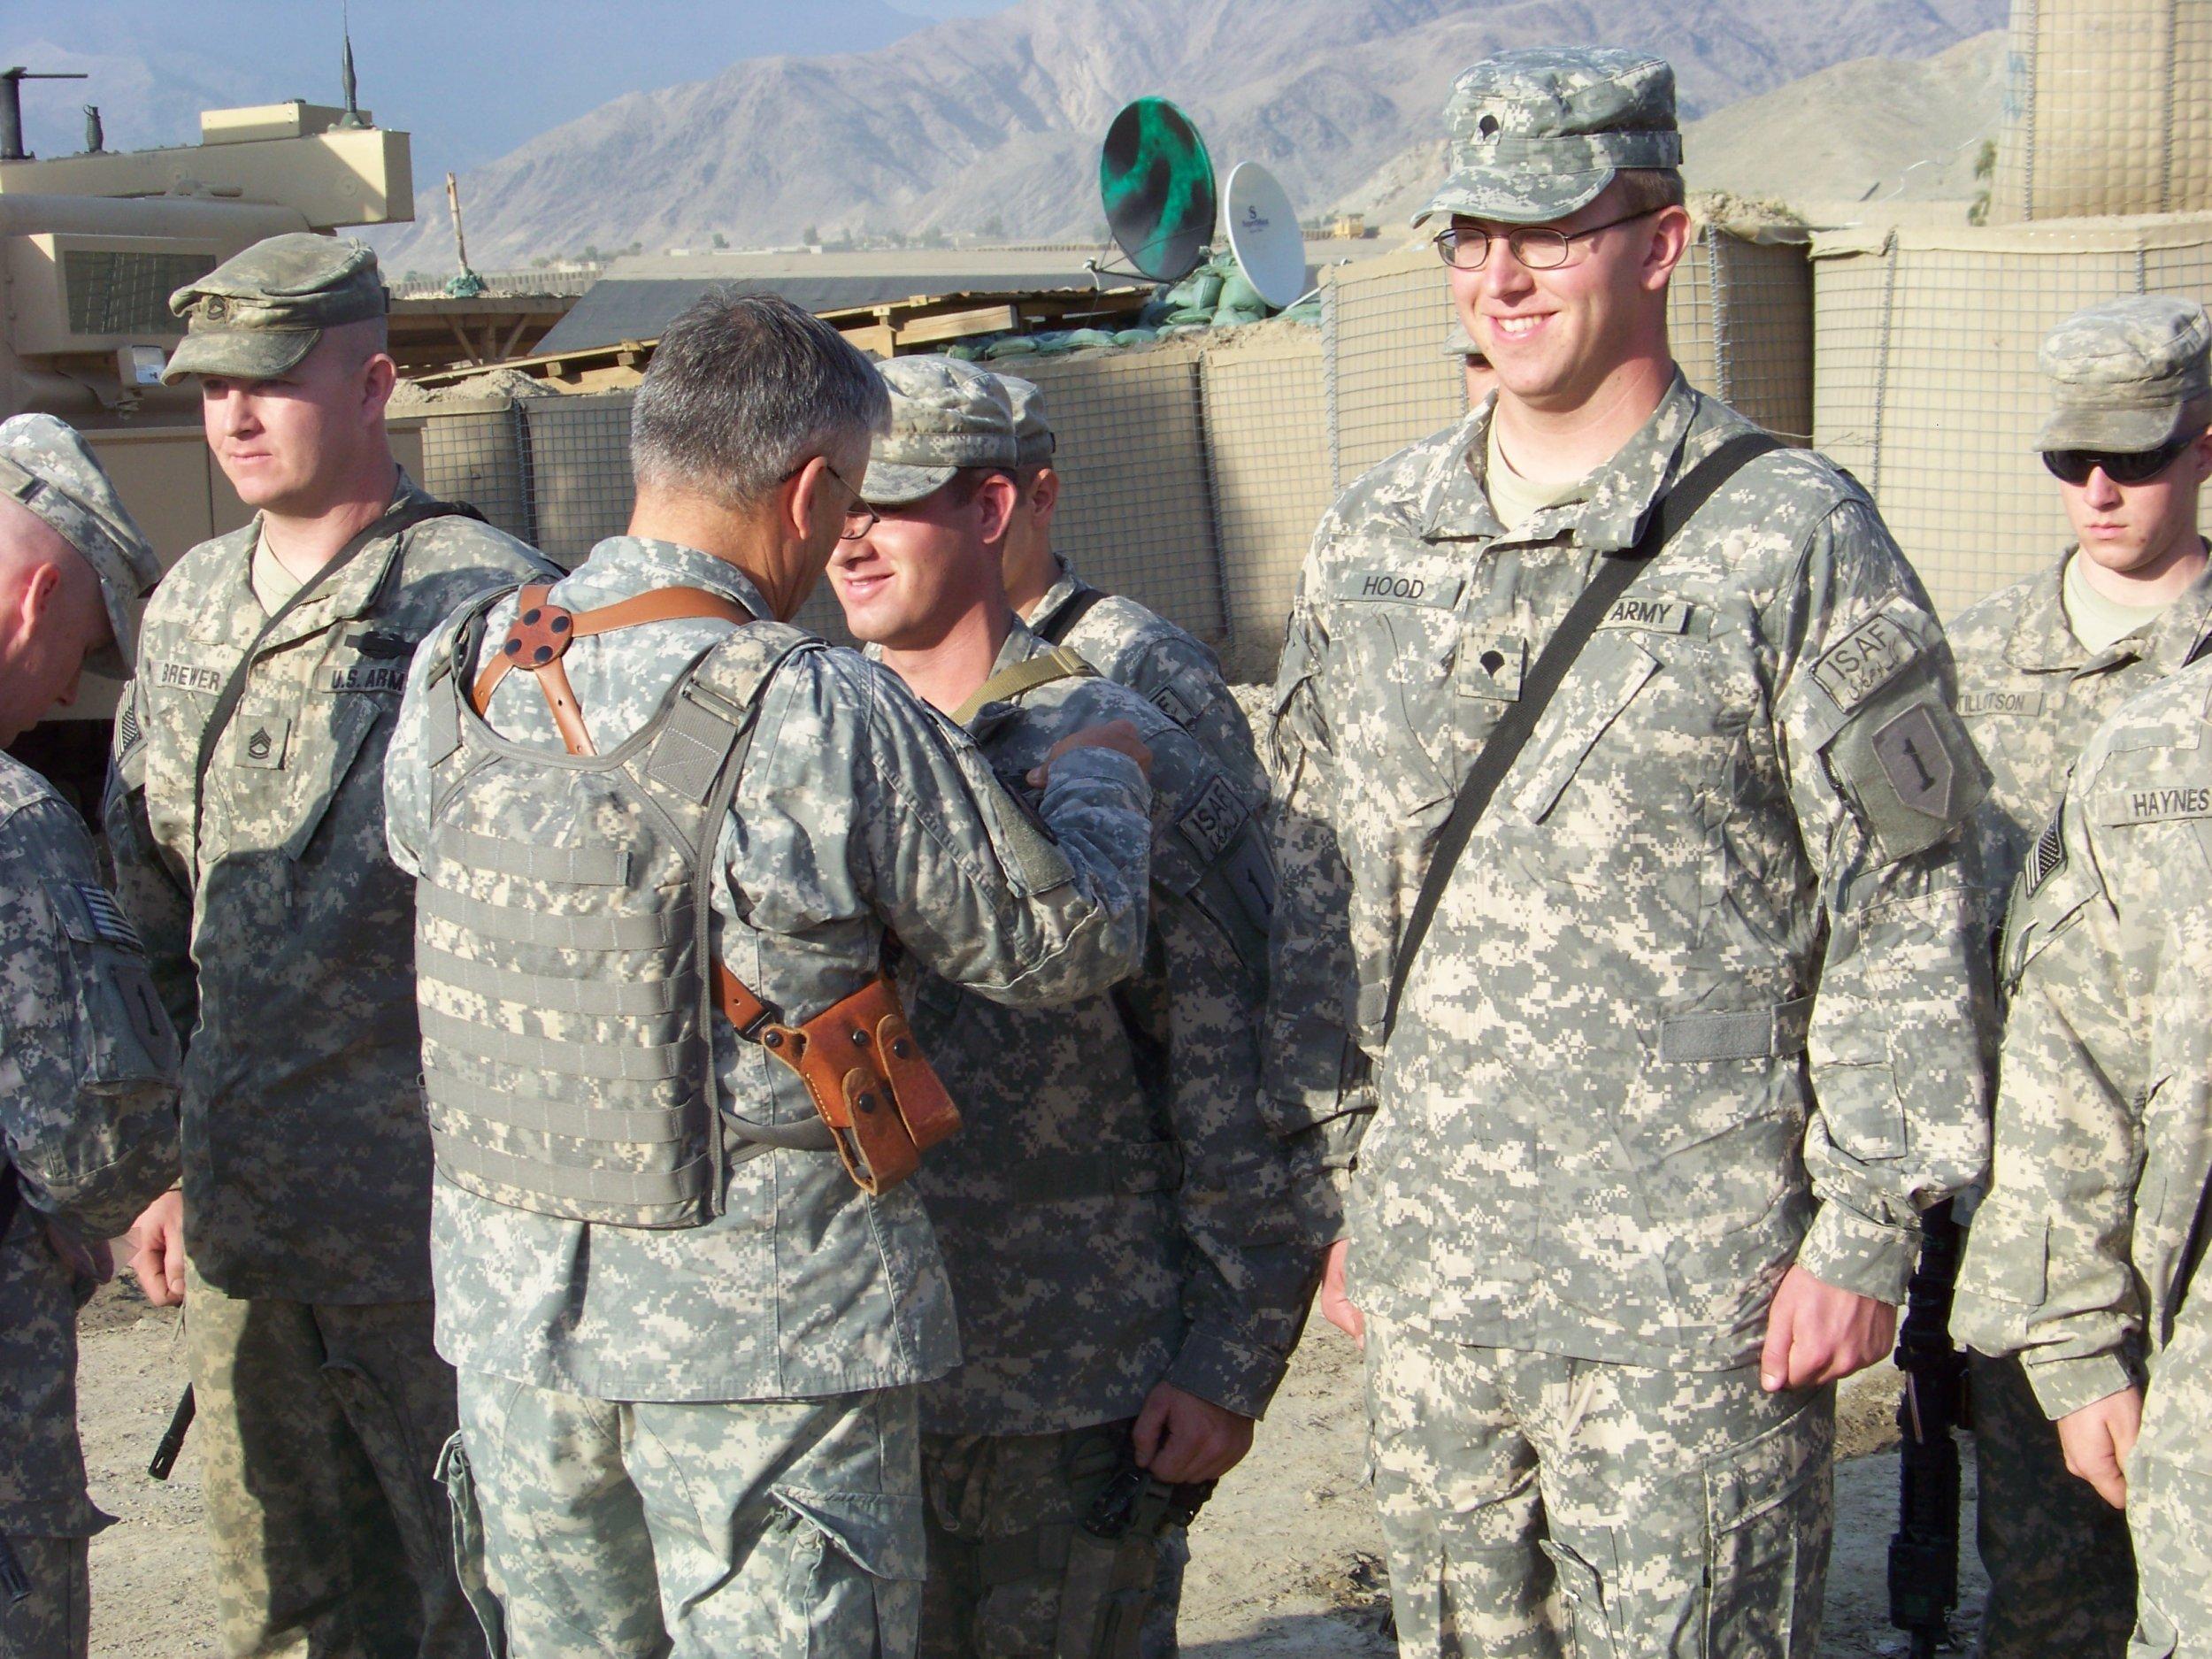 05_29_Veterans_college_campuses_02